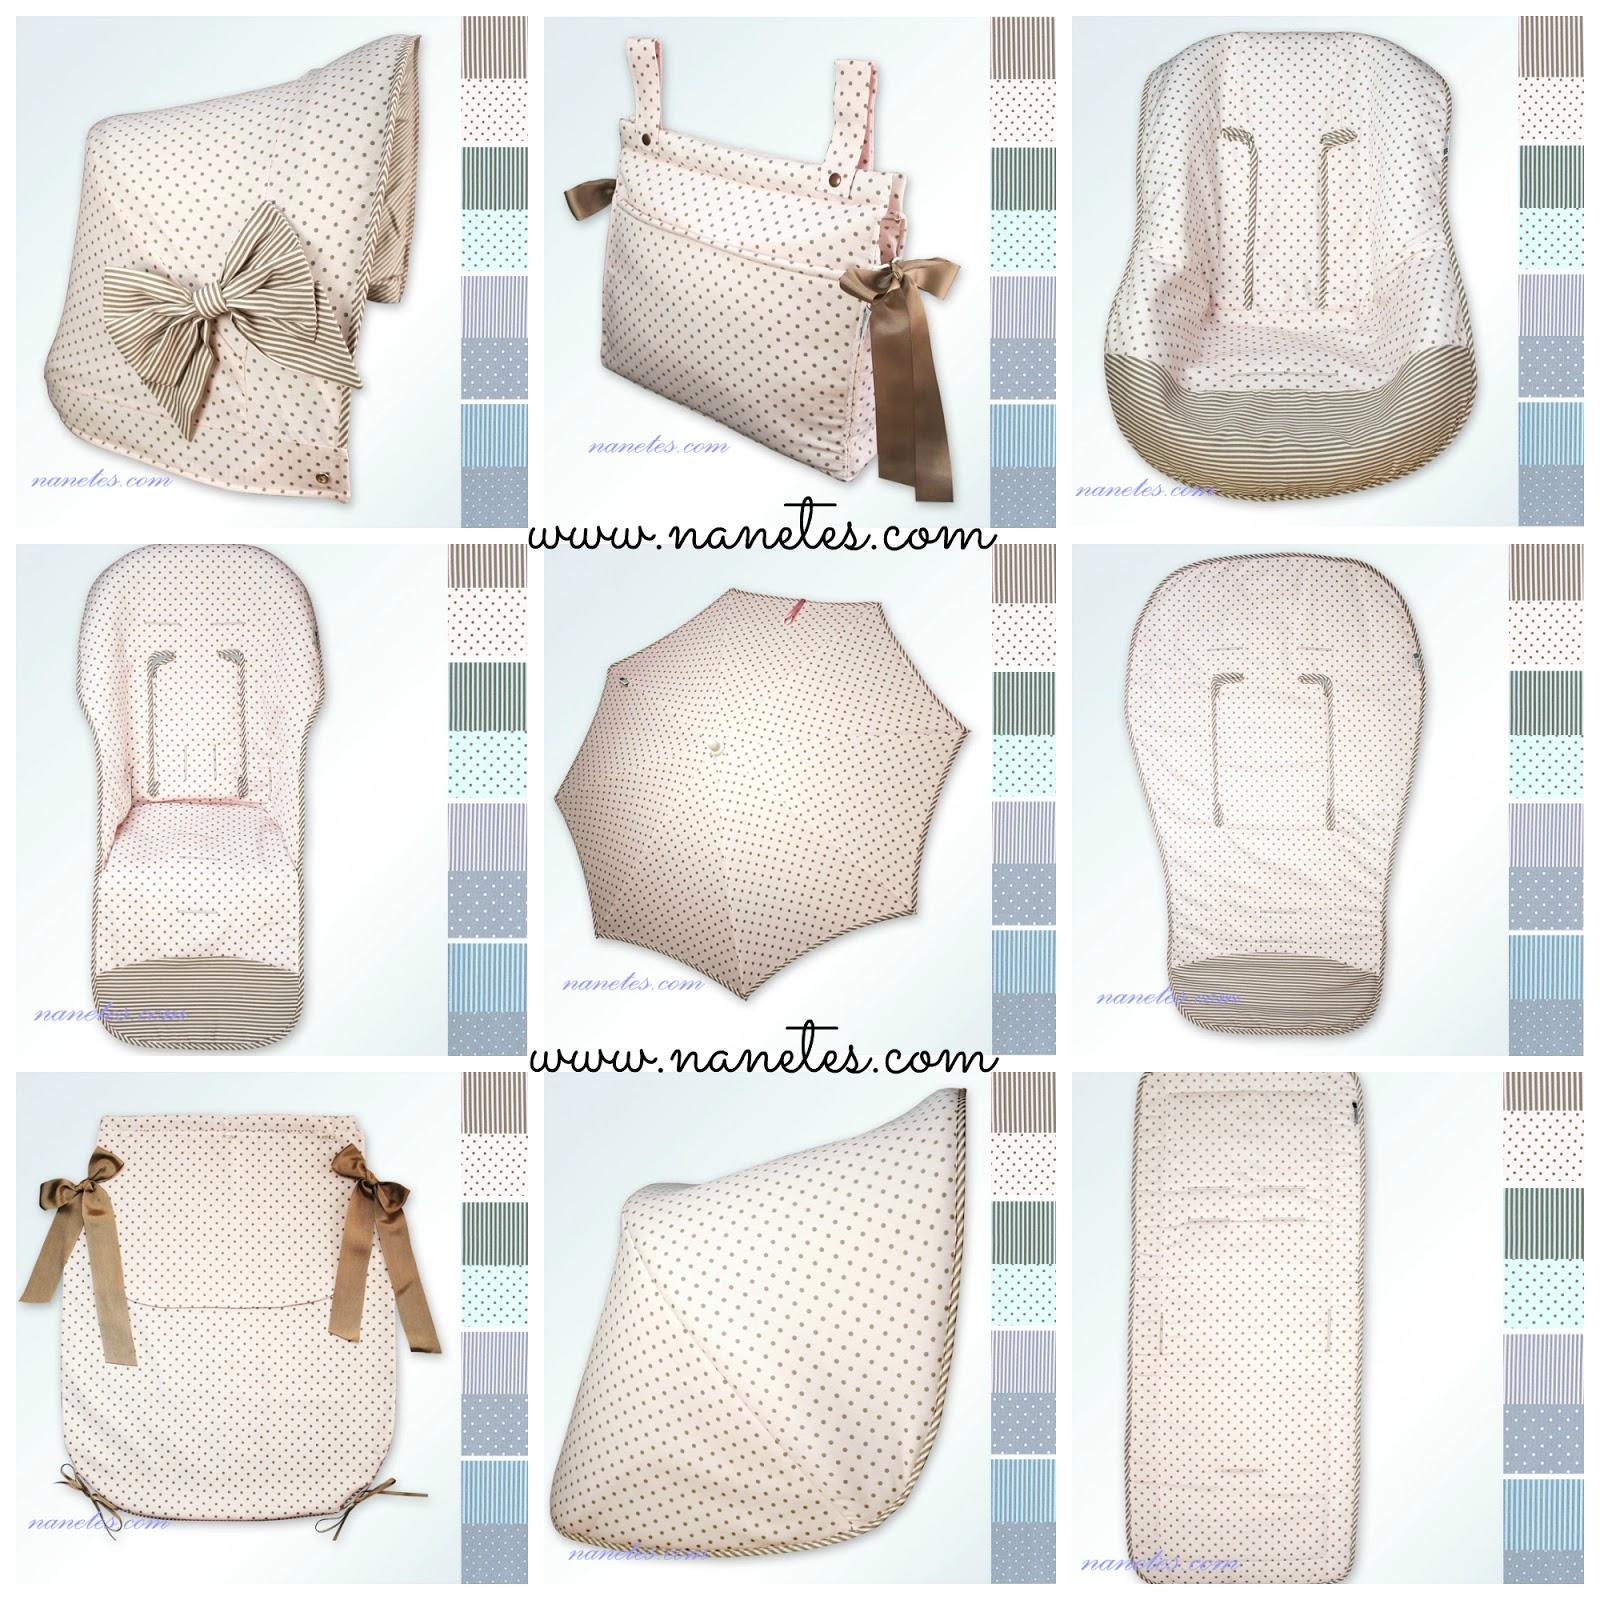 Nanetes personalizar el carrito del beb - Fundas para cambiador de bebe ...